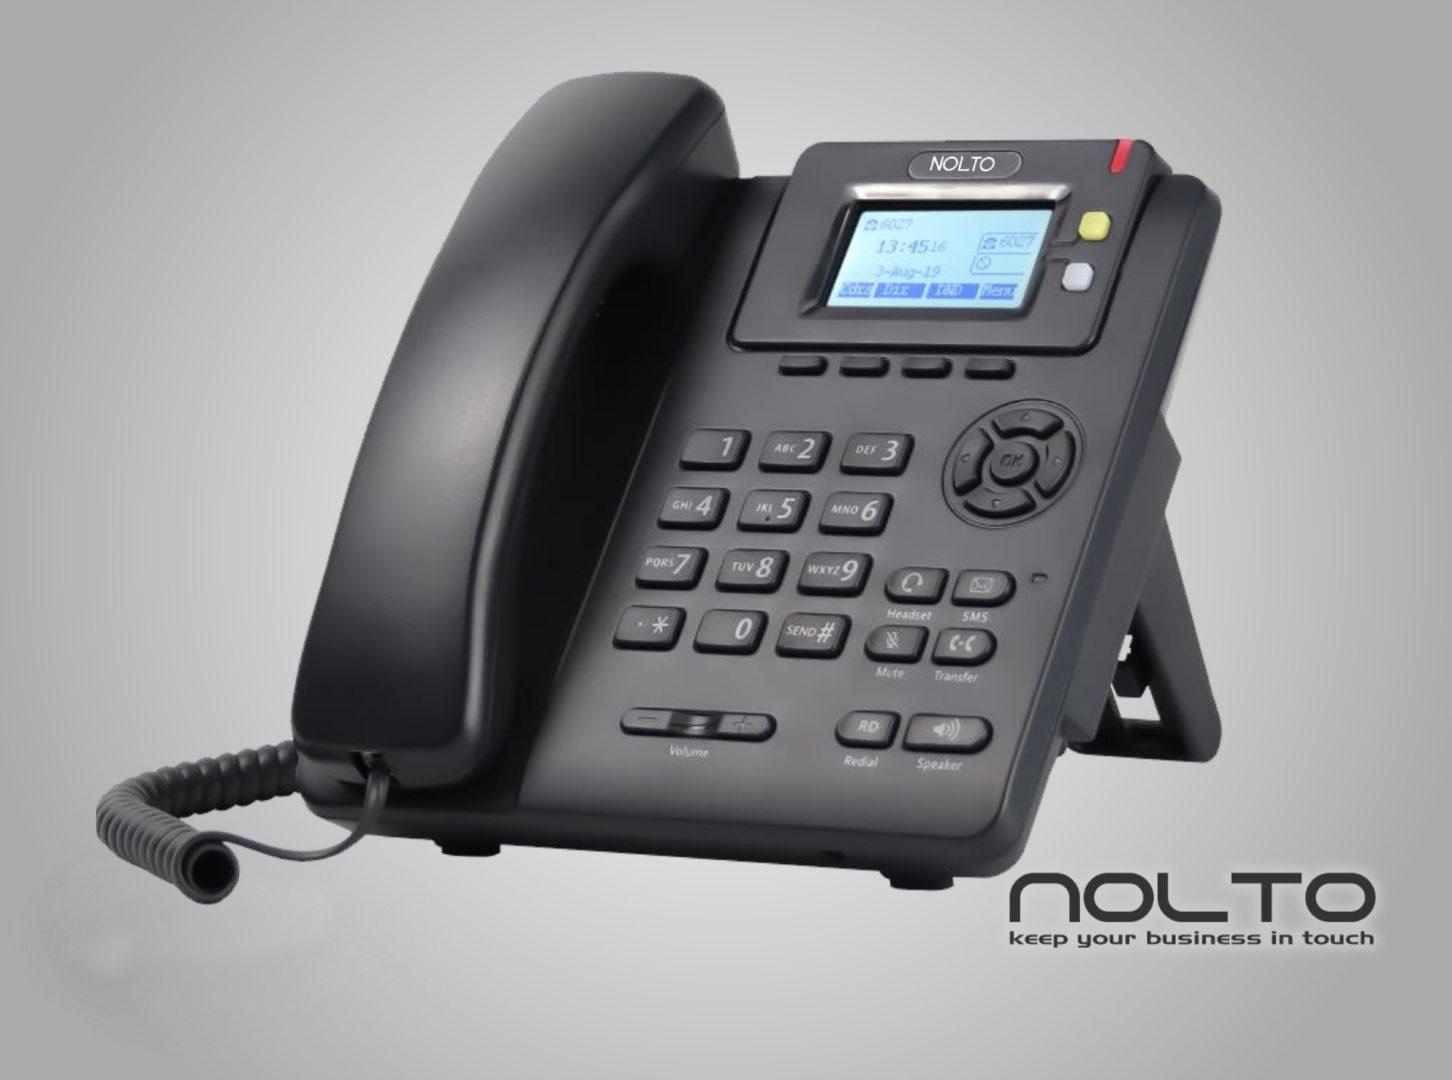 nolto-t780-ip-telefon